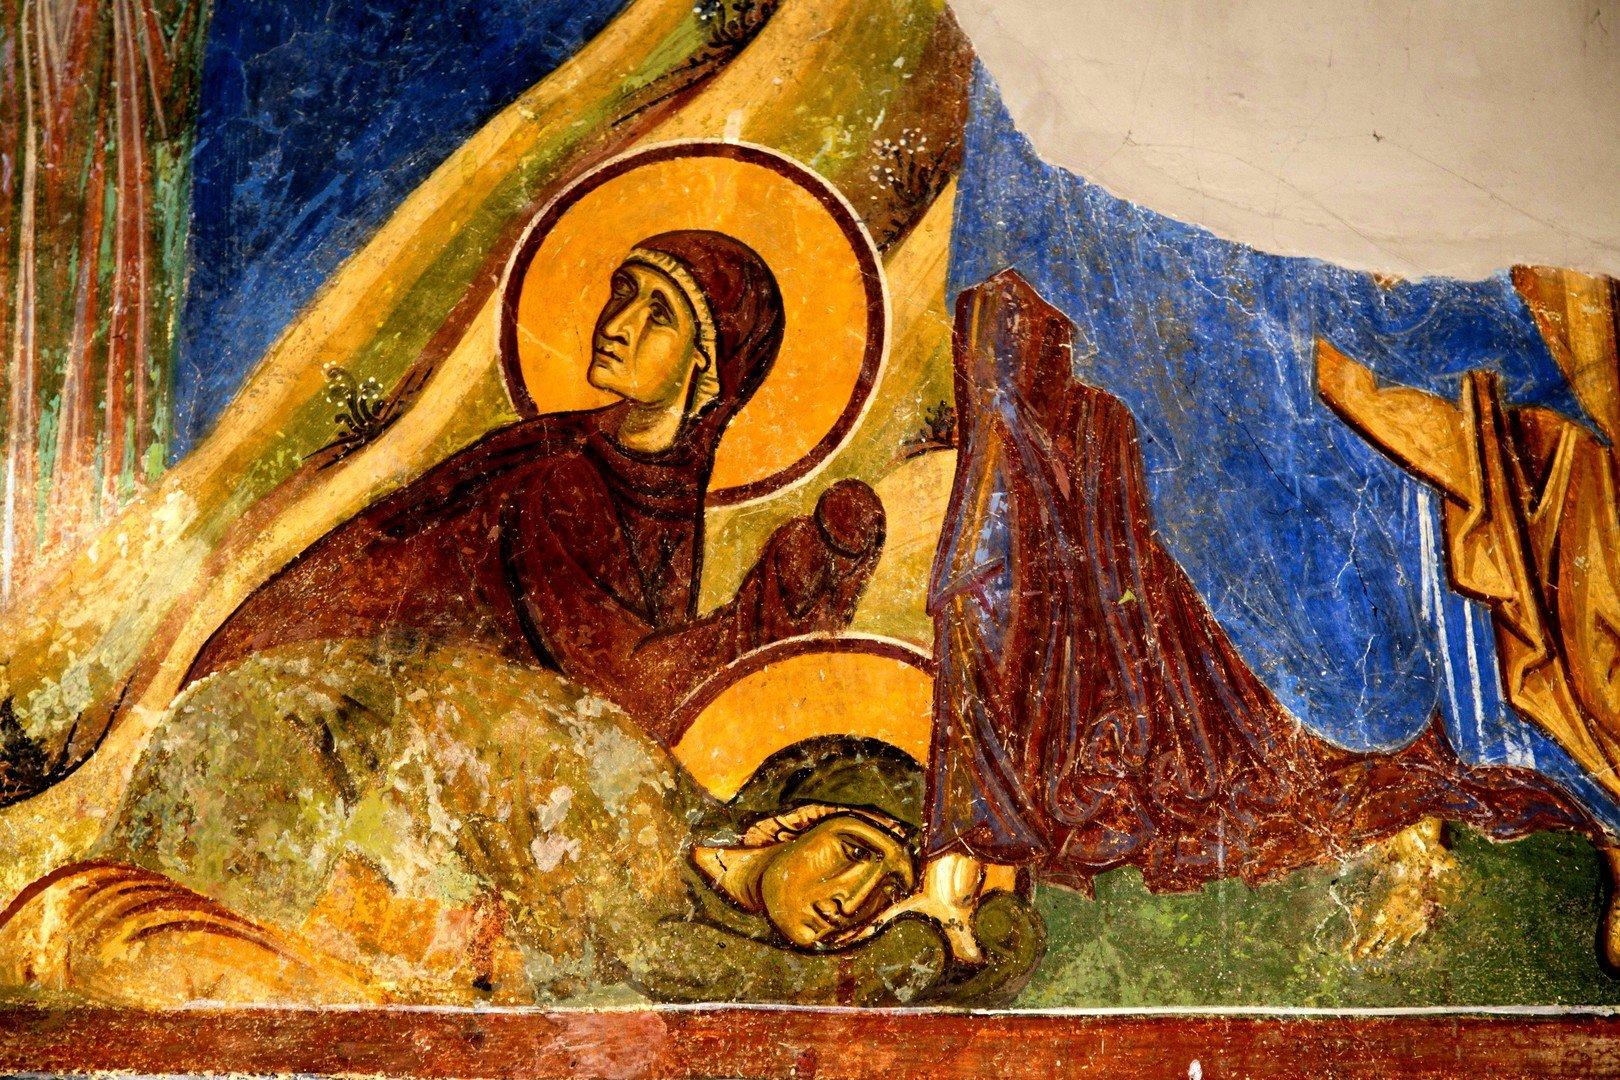 Воскрешение Праведного Лазаря. Фреска церкви Св. Пантелеимона в Нерези близ Скопье, Македония. 1164 год. Фрагмент.